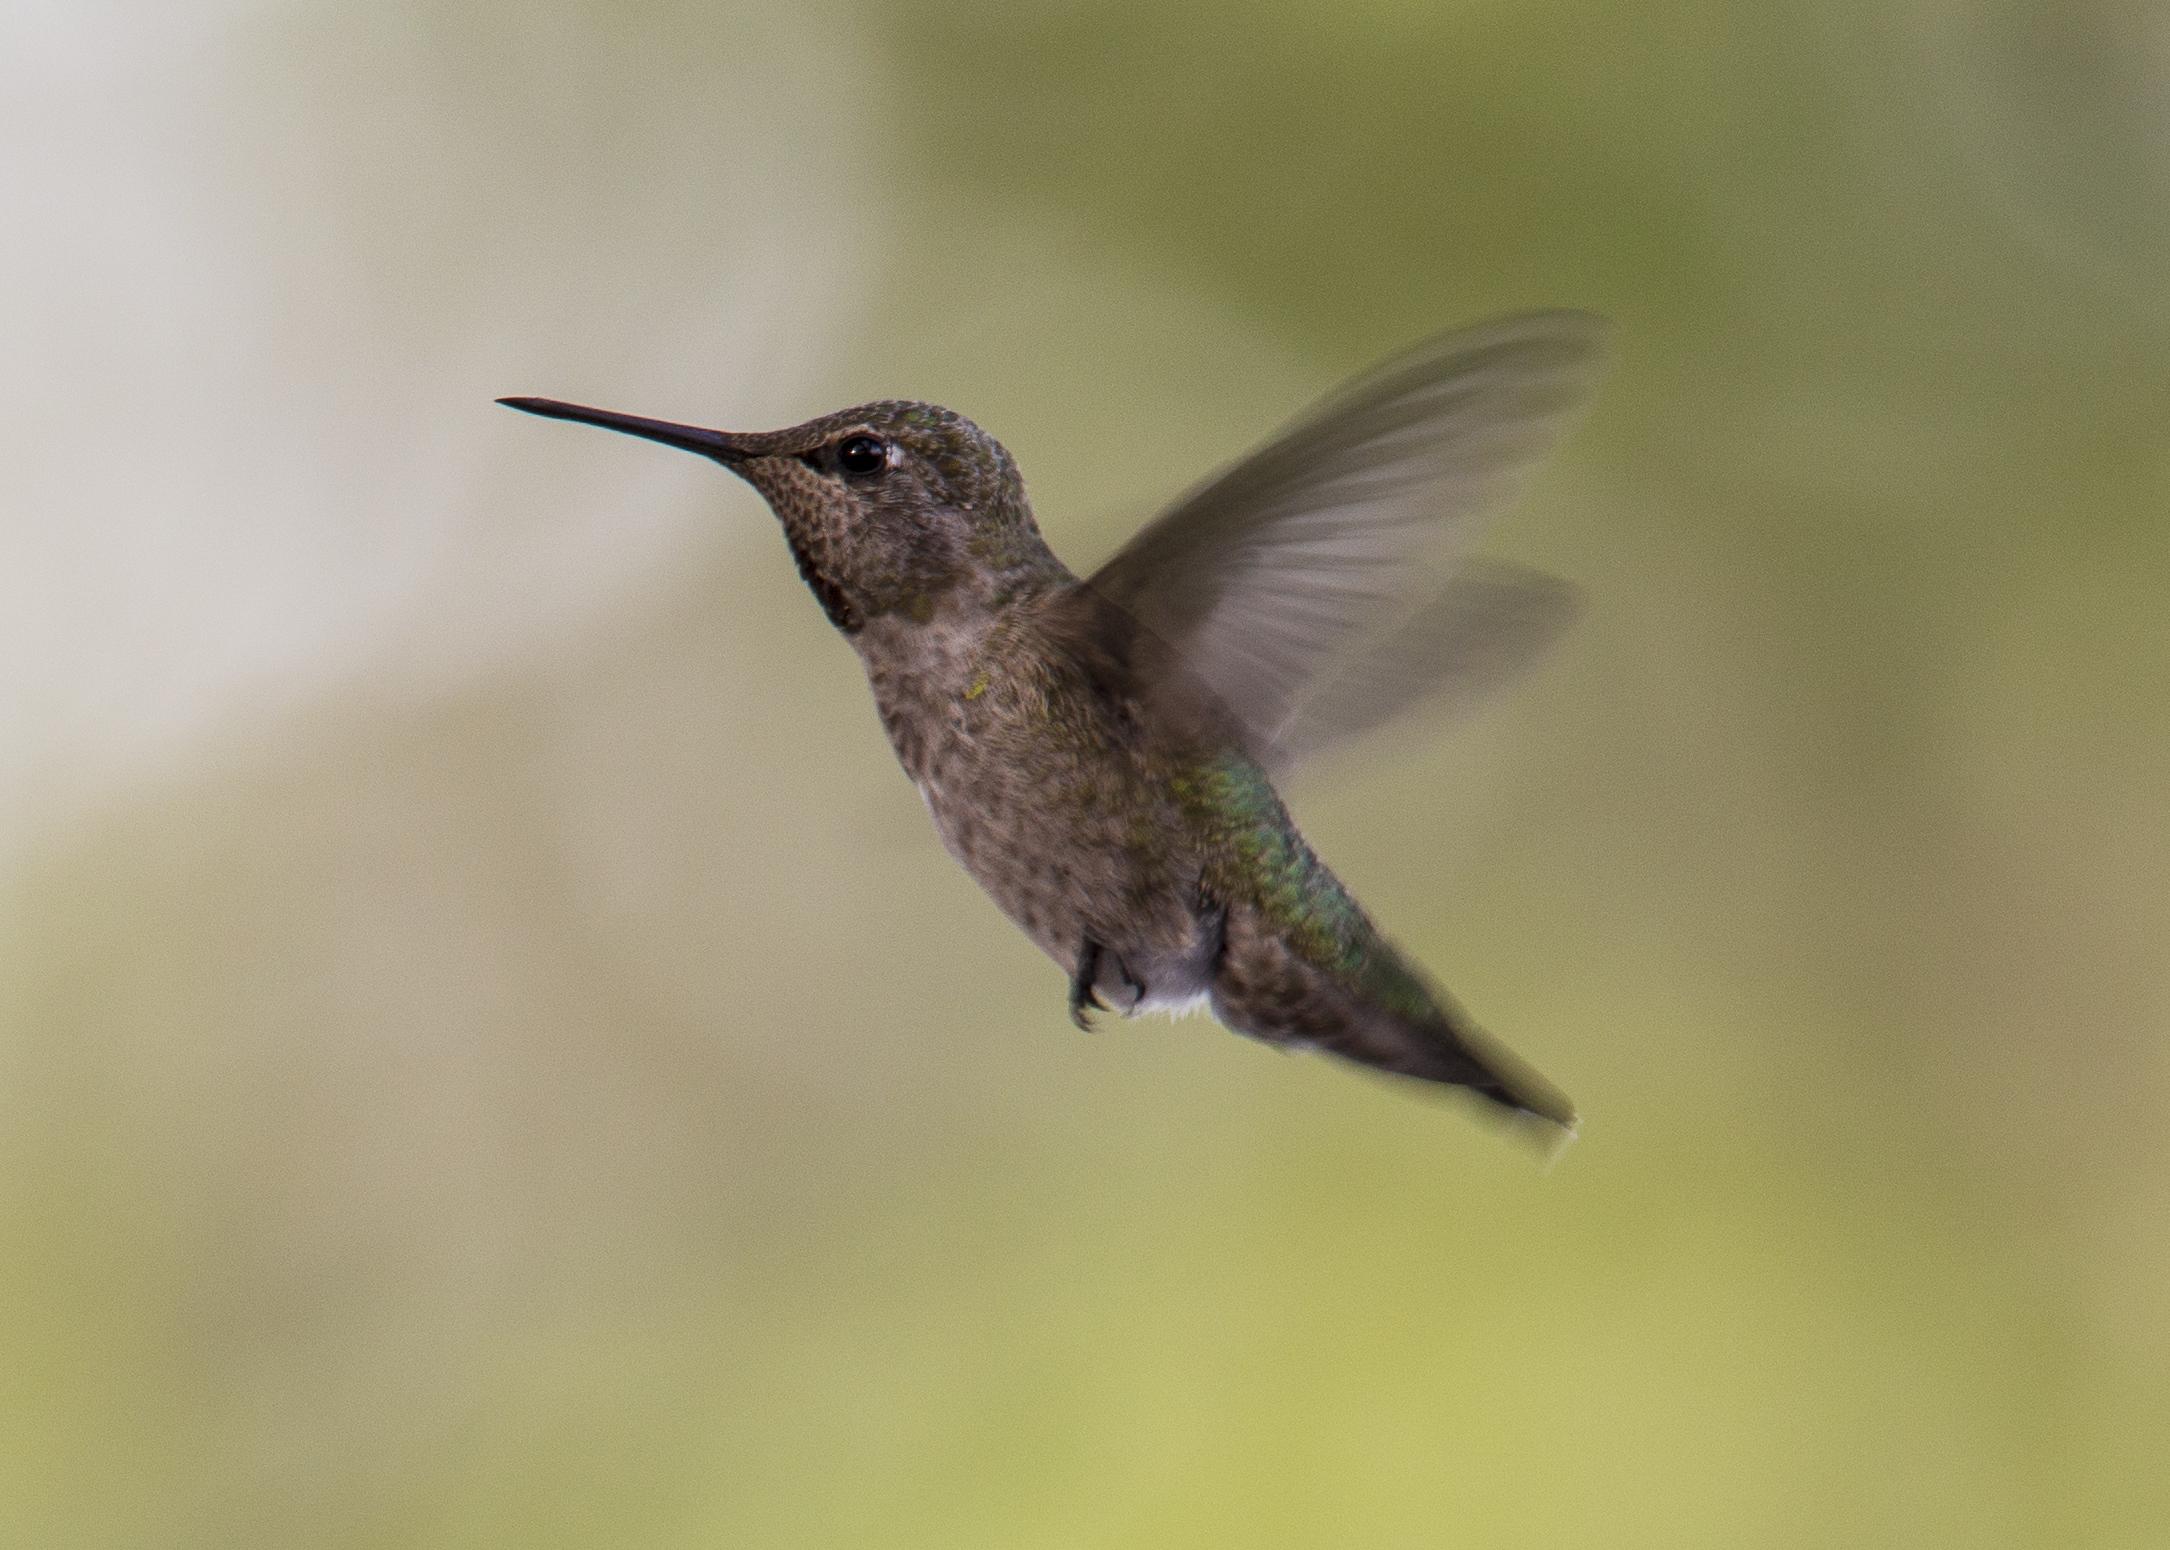 Female Anna's Hummingbird (Calypte anna)